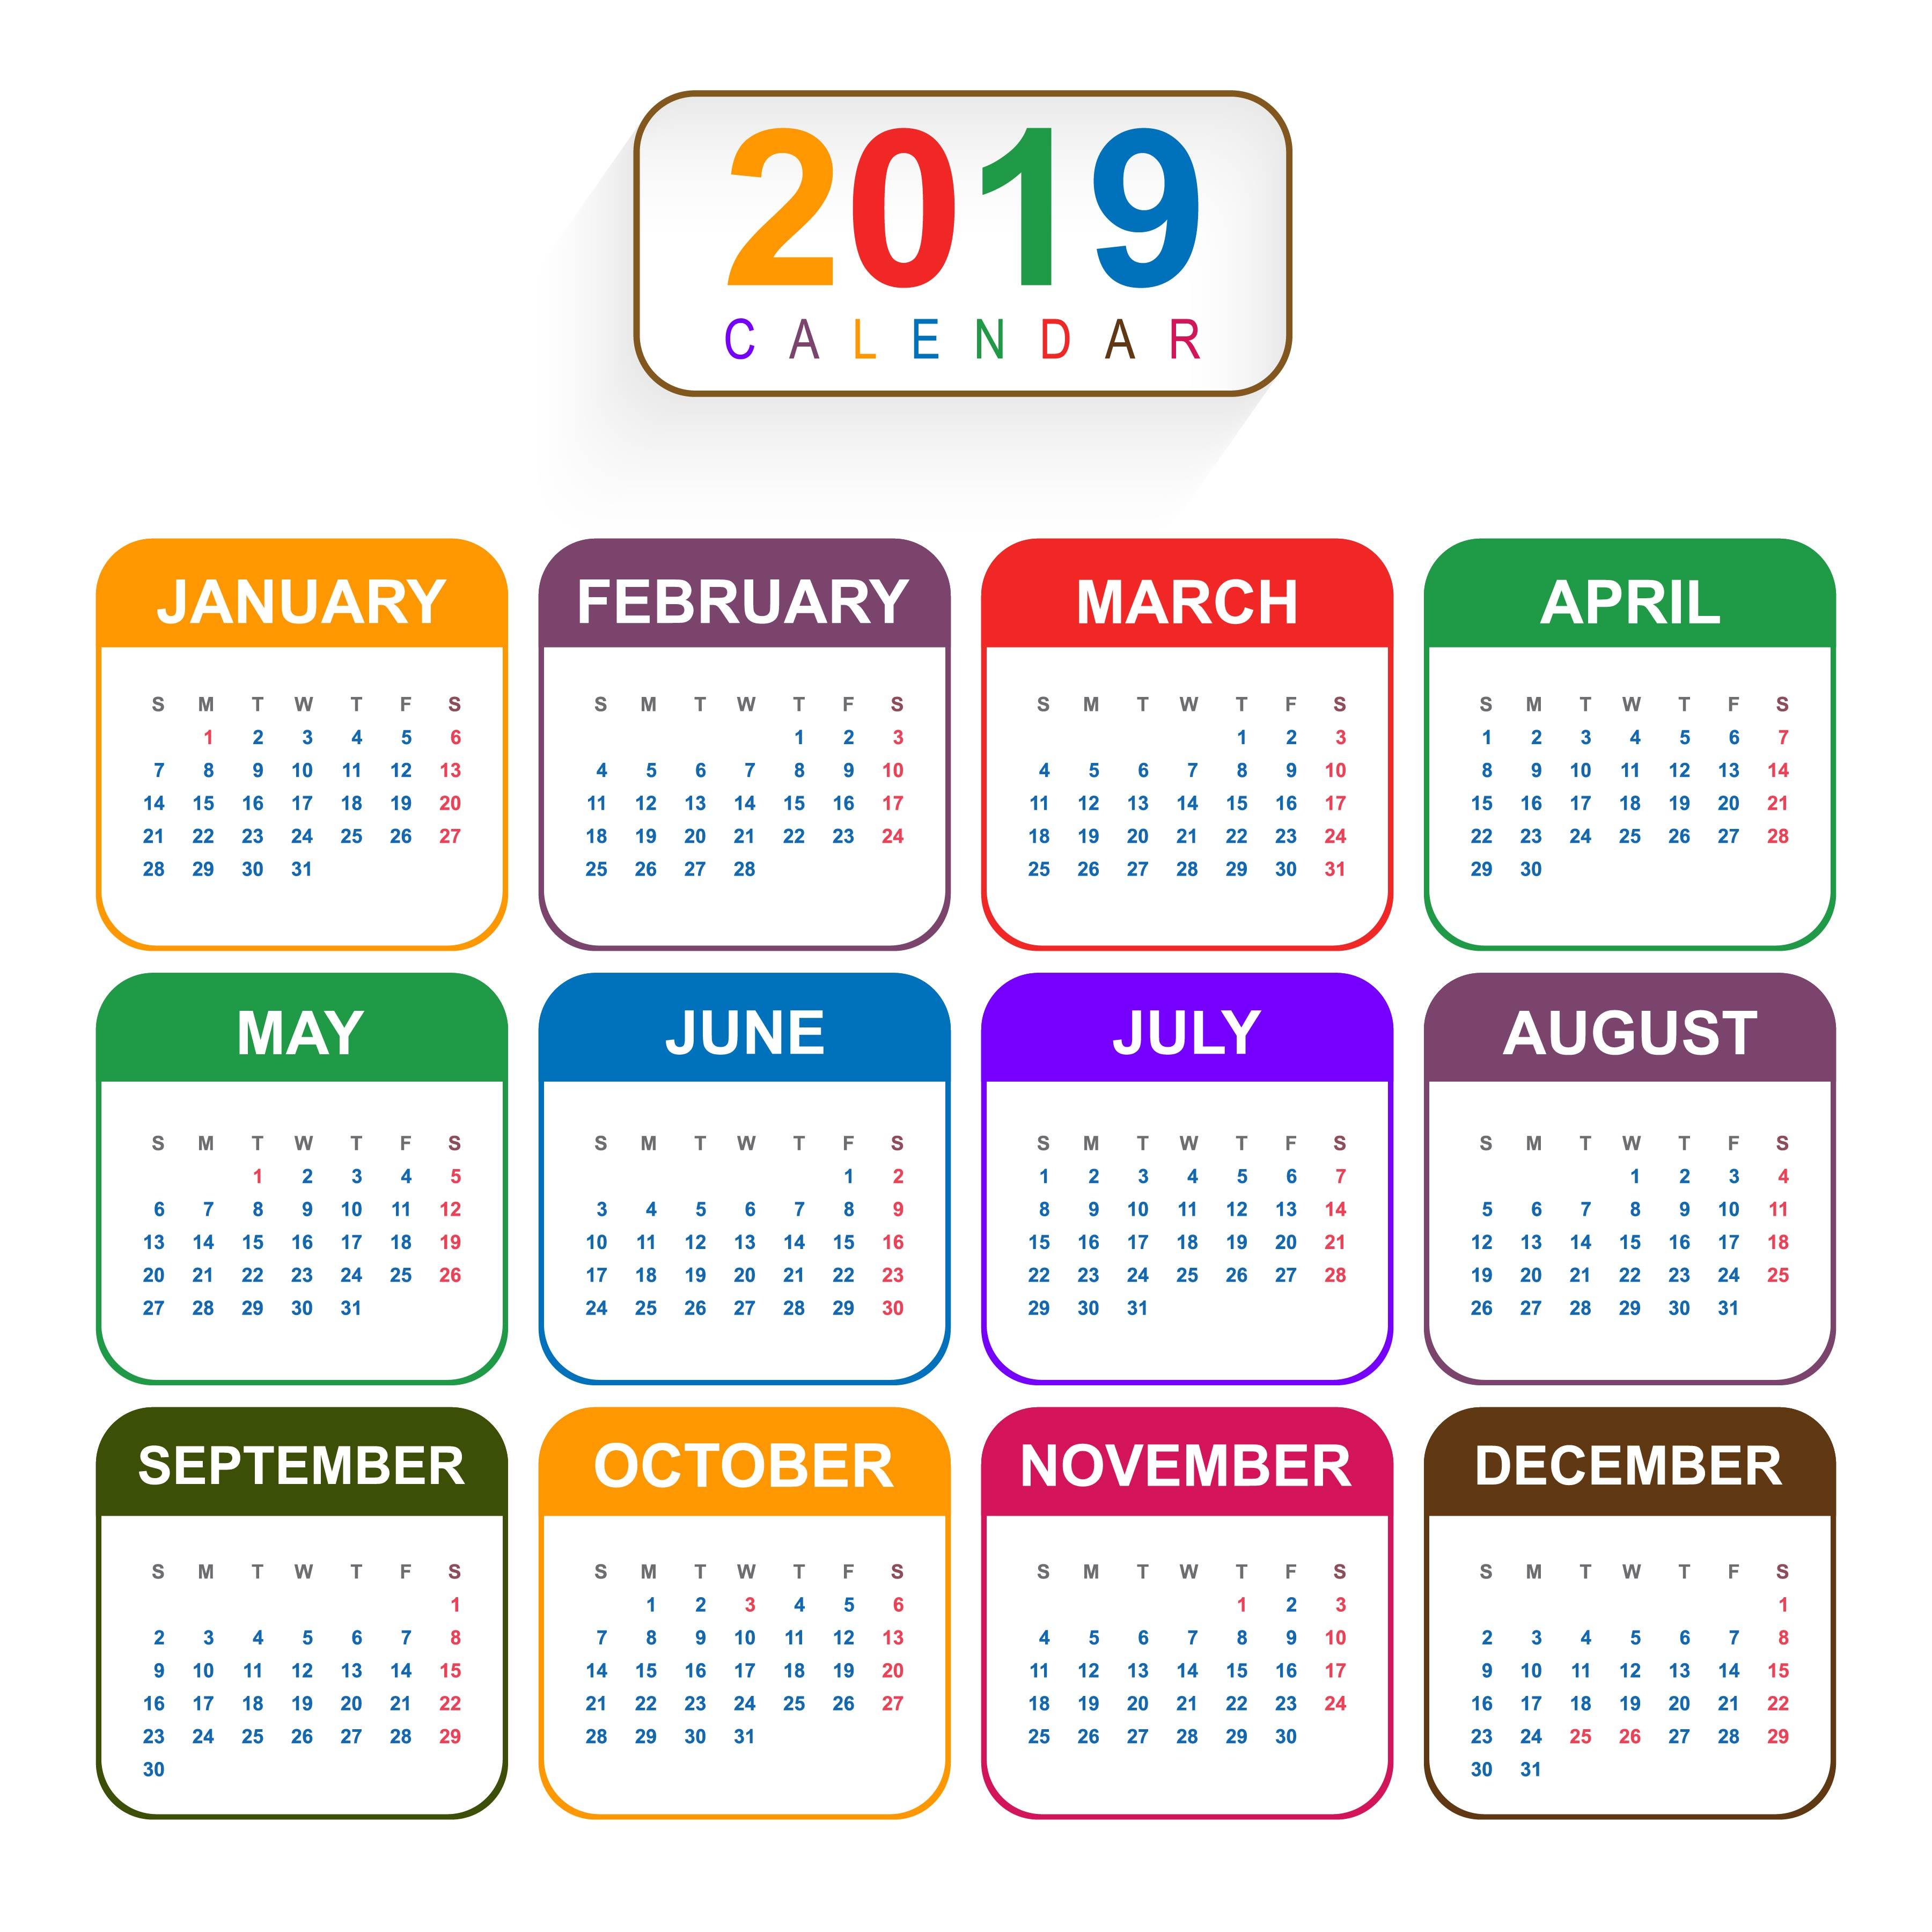 Calendario 2019 Para Imprimir.Beaches Calendario 2019 Ano Todo Para Imprimir